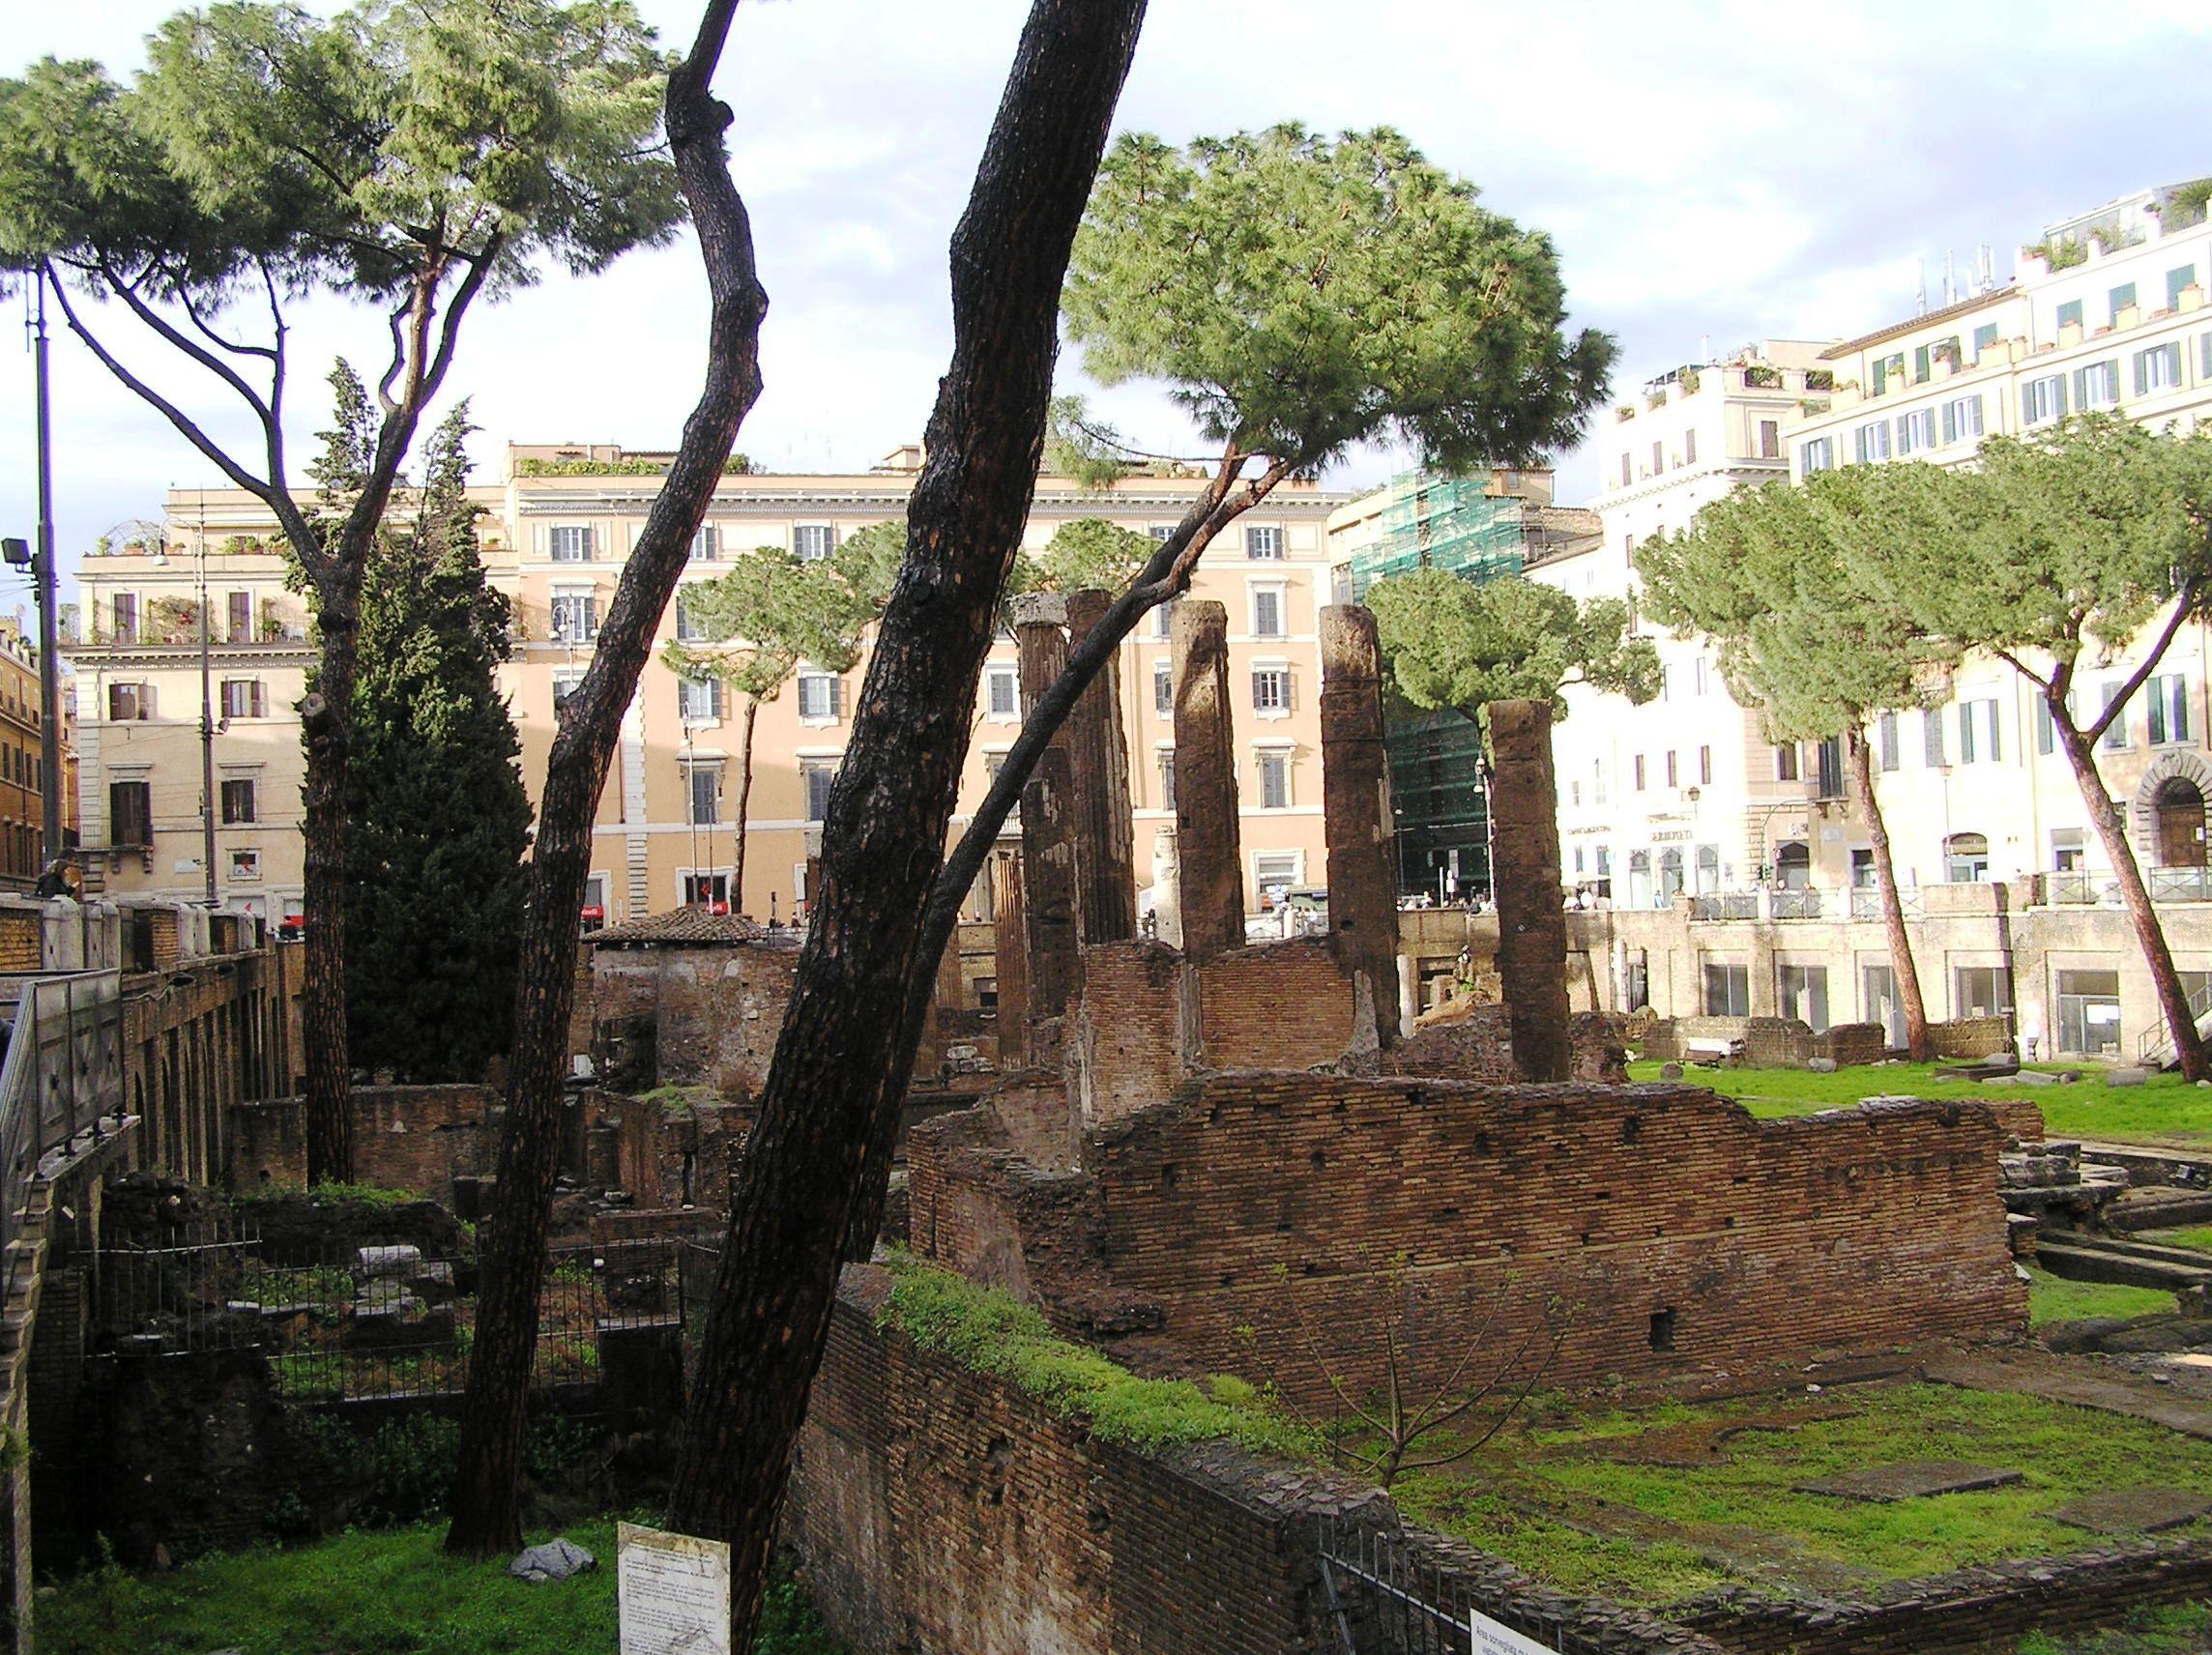 Itálie - Řím - chrámový okrsek na Largo Argentina, chrám Fortuny a kruhový chrámek Giuturny